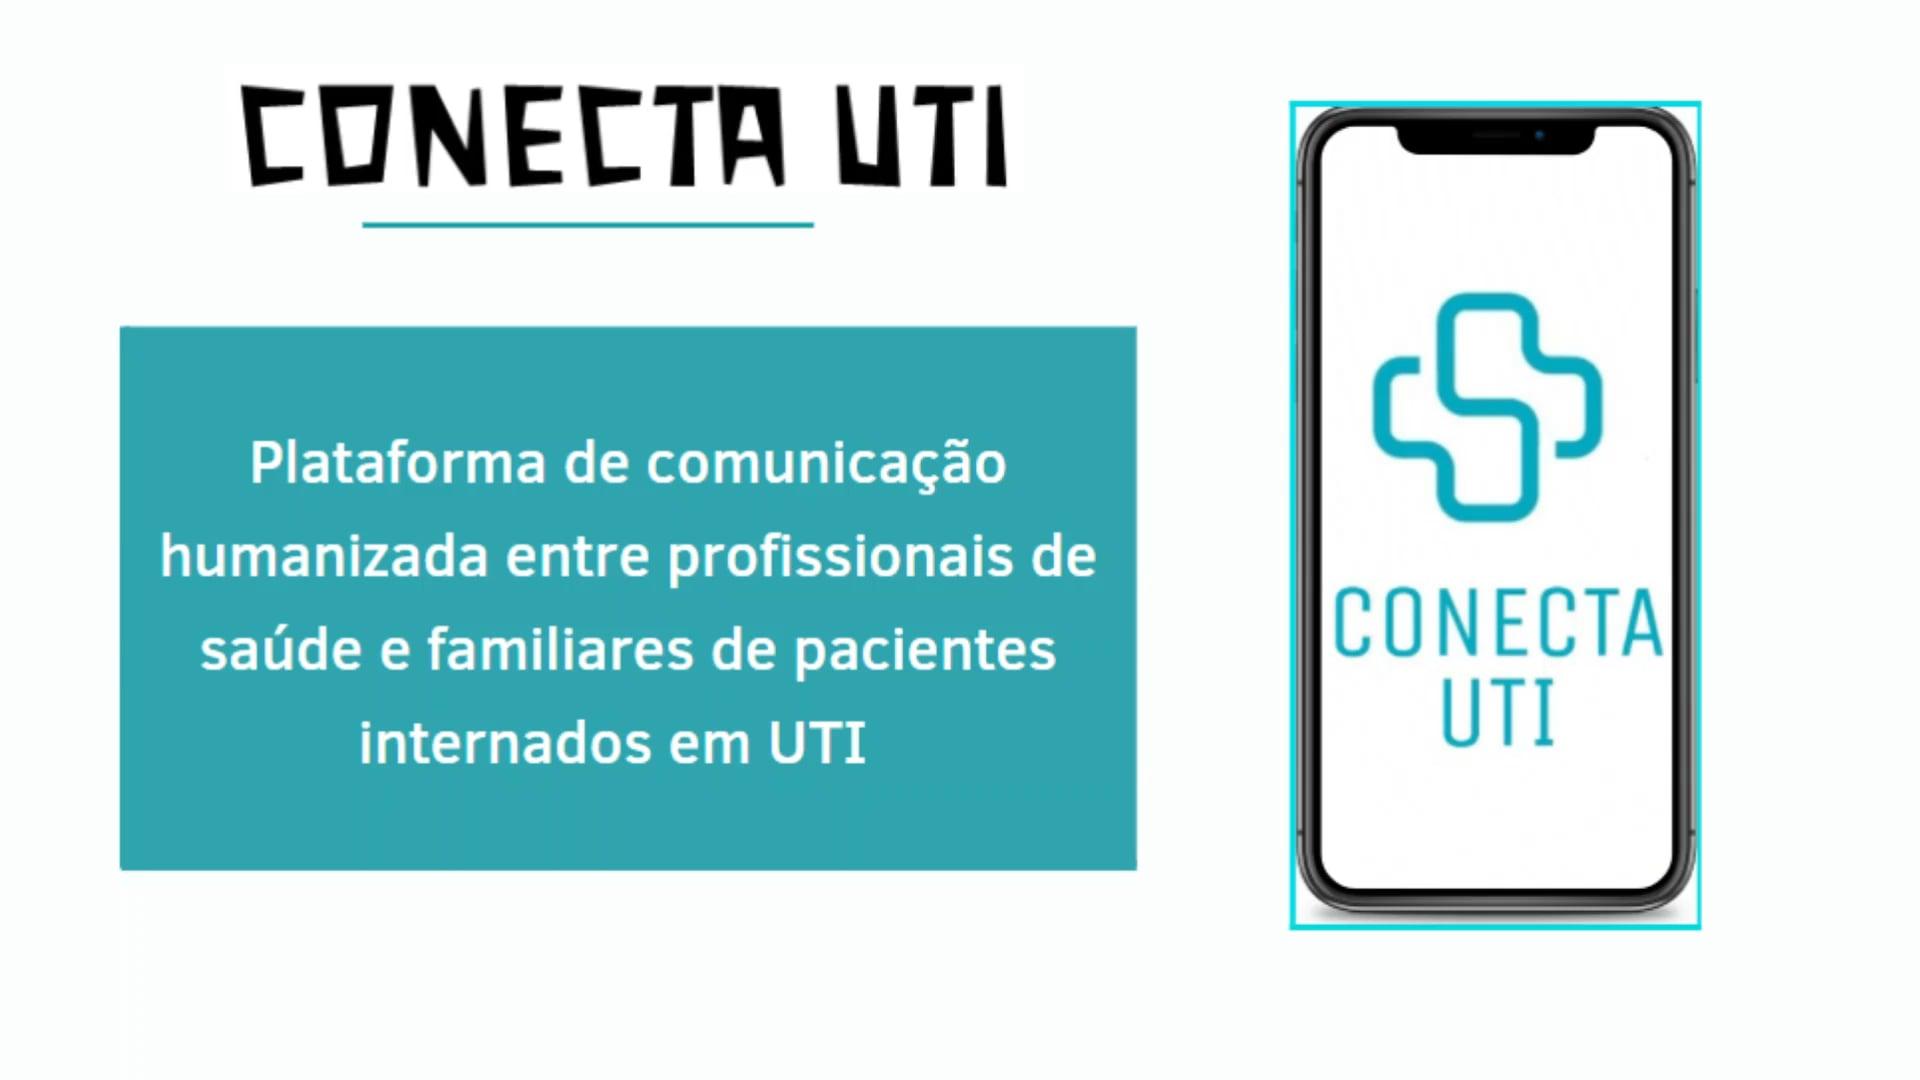 Conecta UTI